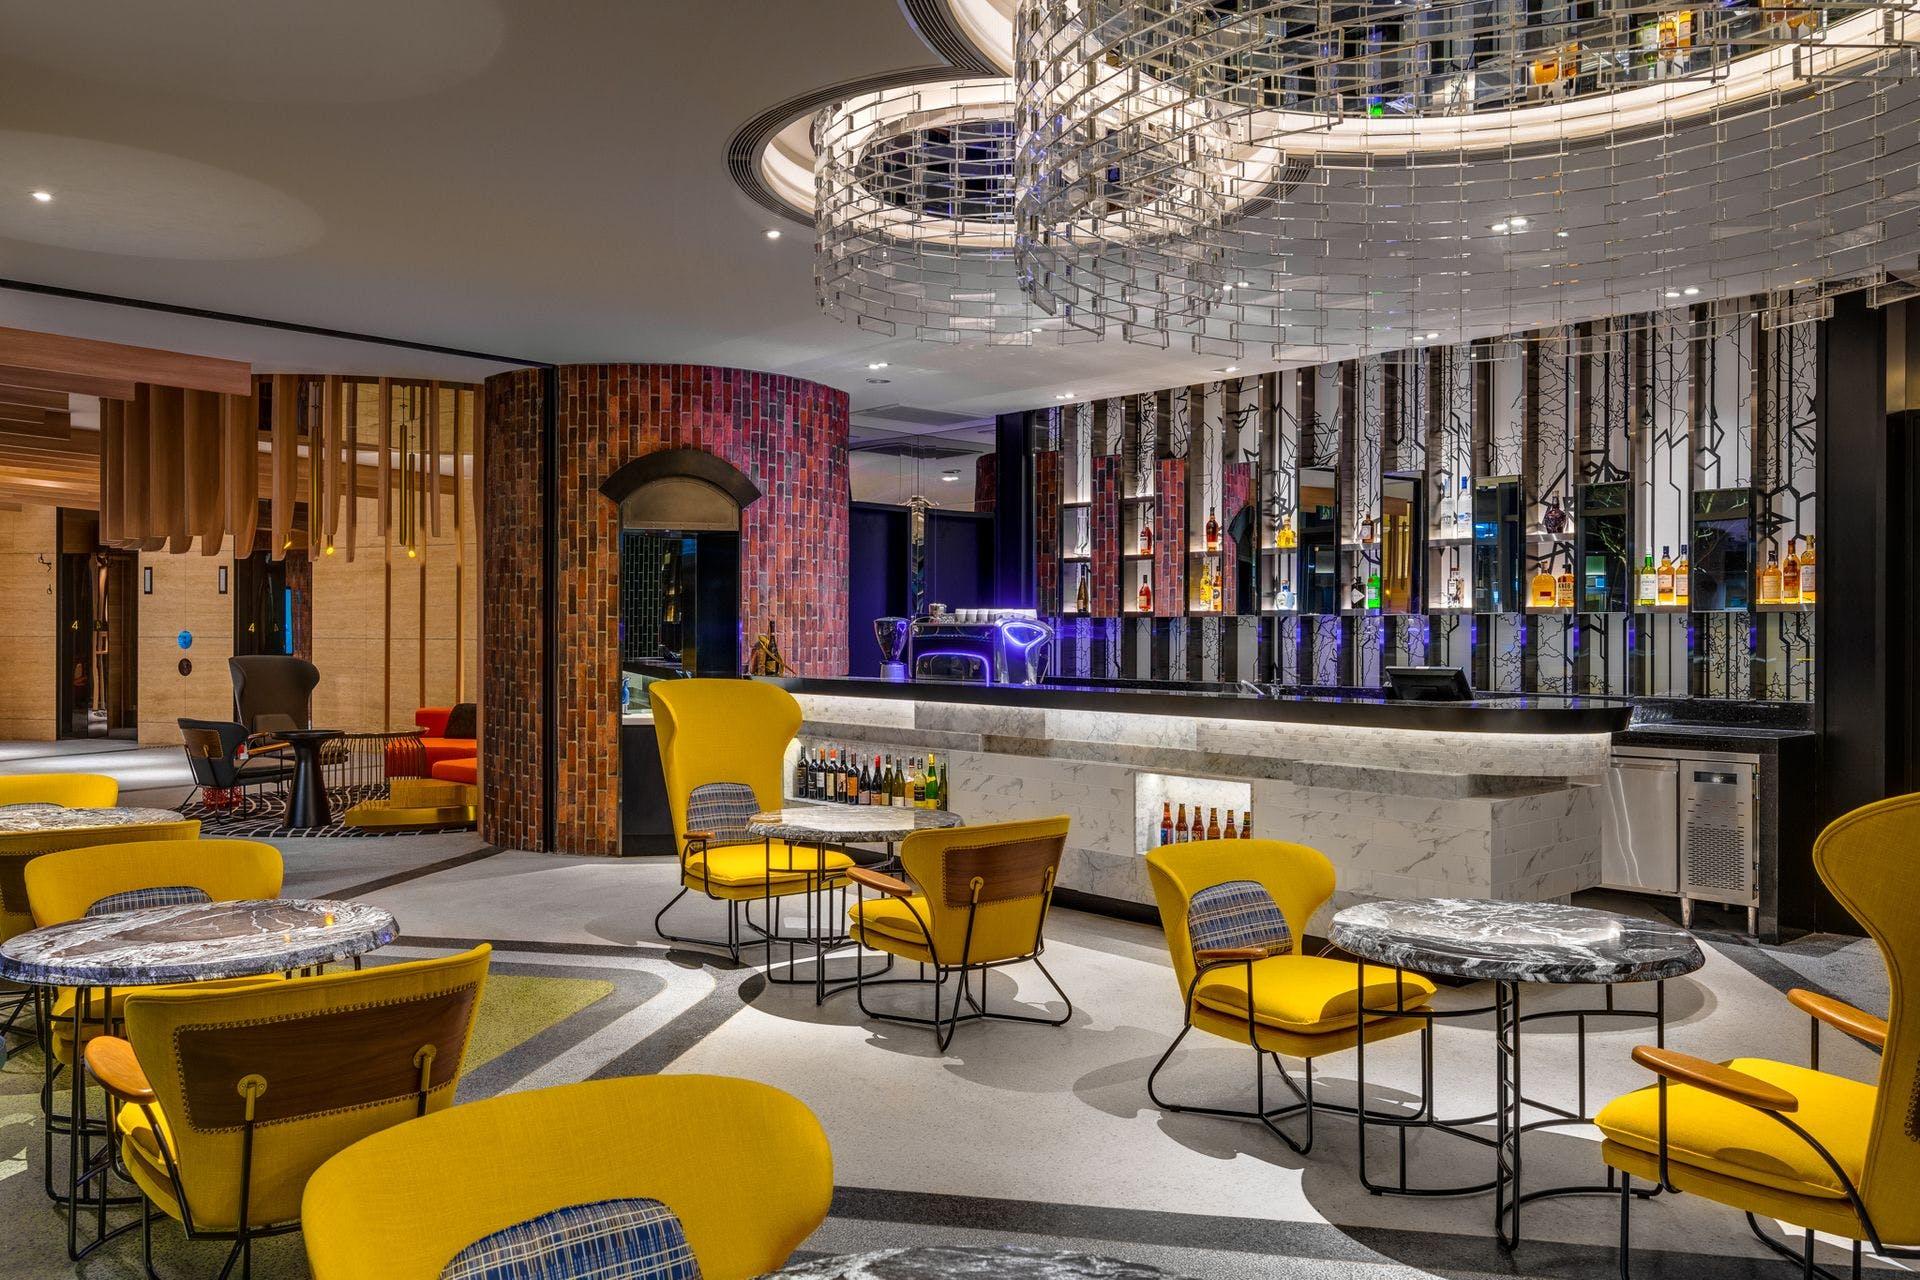 英迪格酒店座落大直植福路上,圓弧外型相當吸睛。